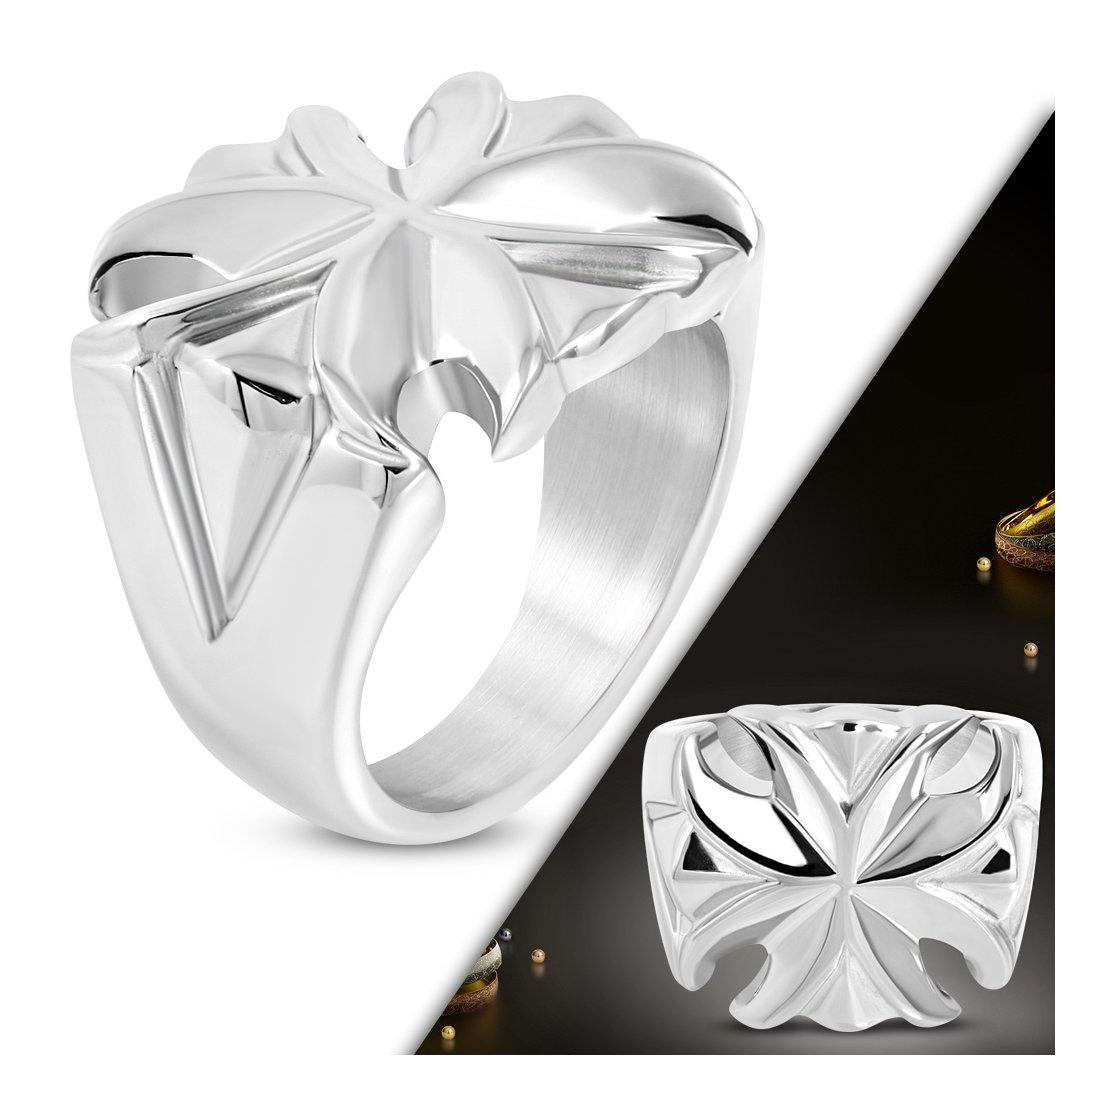 Stainless Steel Fluer De Lis Flower Cocktail Ring